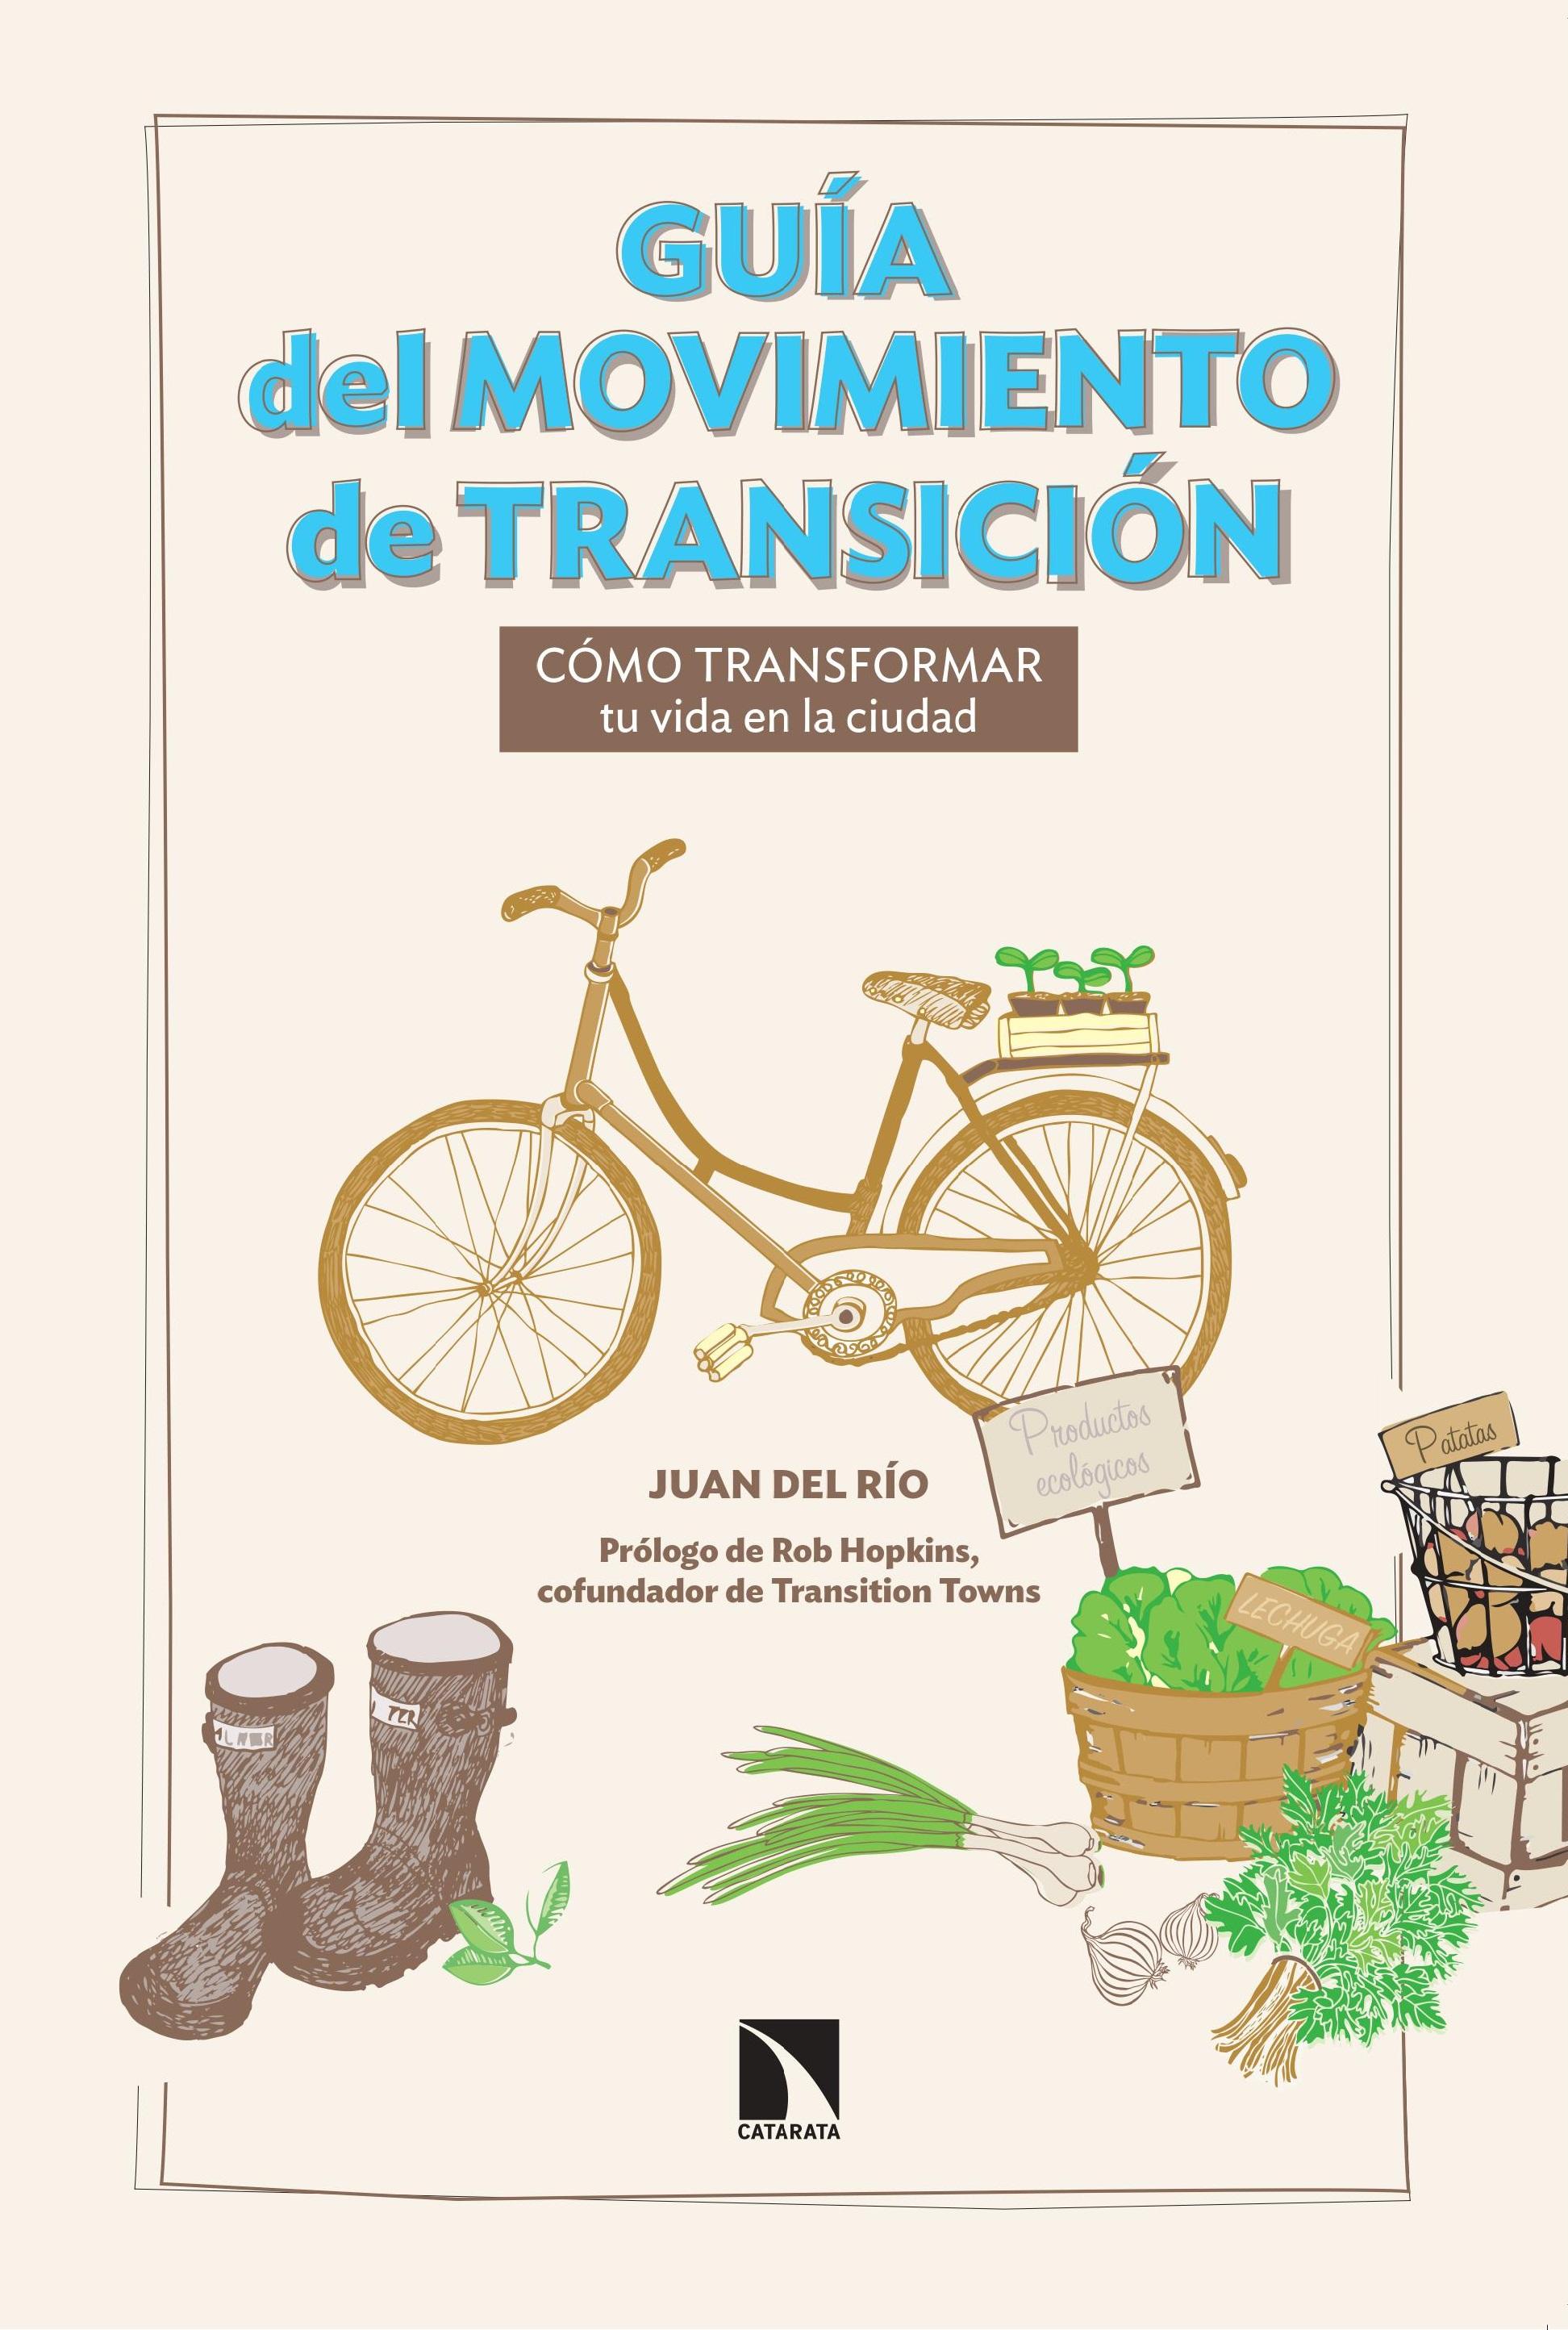 Guía del movimiento de Transición, de Juan del Río